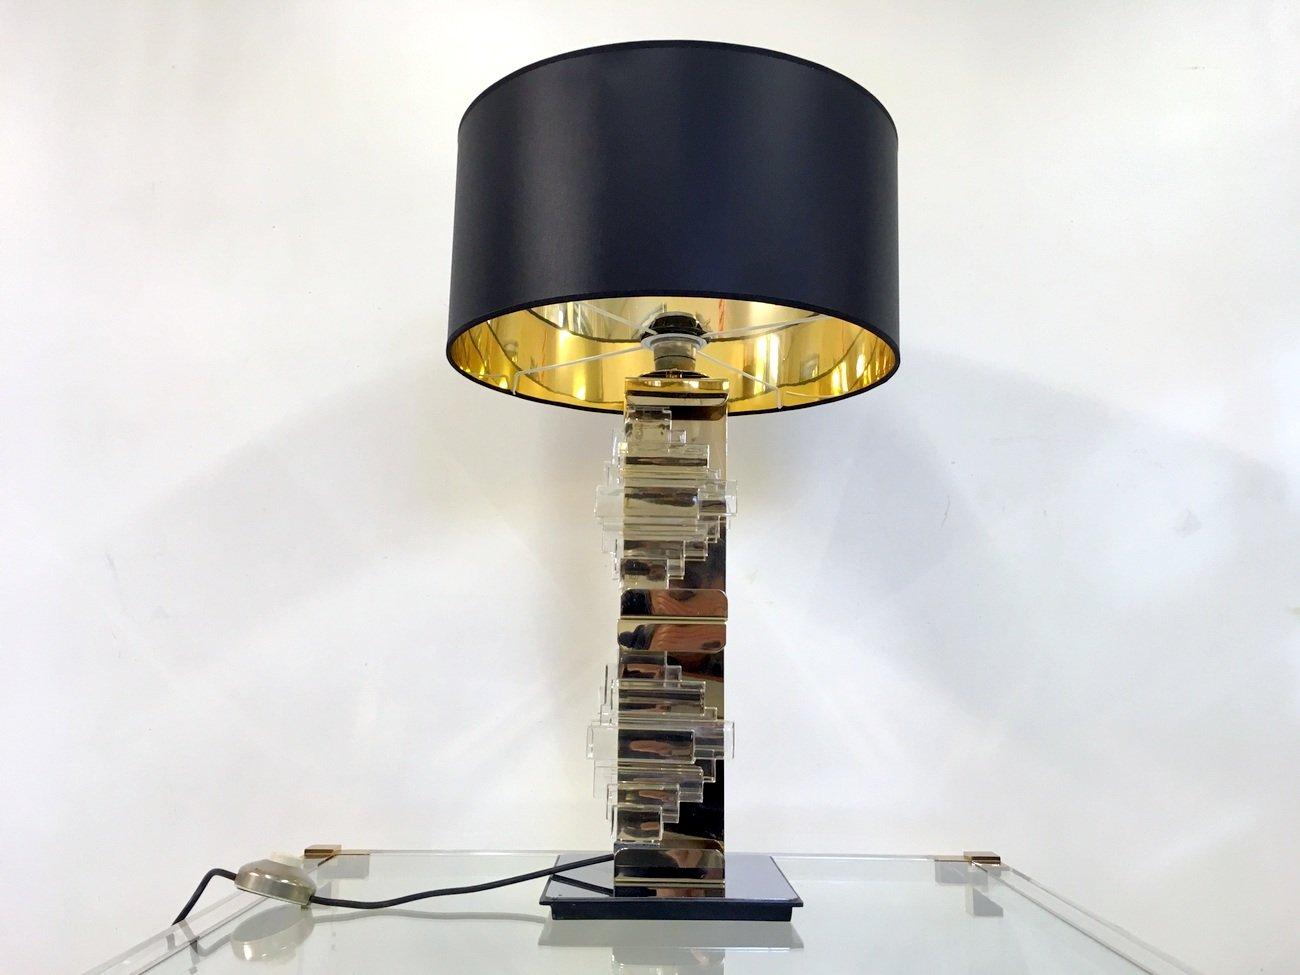 Lampada da tavolo vintage in ottone metallo cromato e vetro di gaetano sciolari per sciolari in - Lampada da tavolo vintage ...